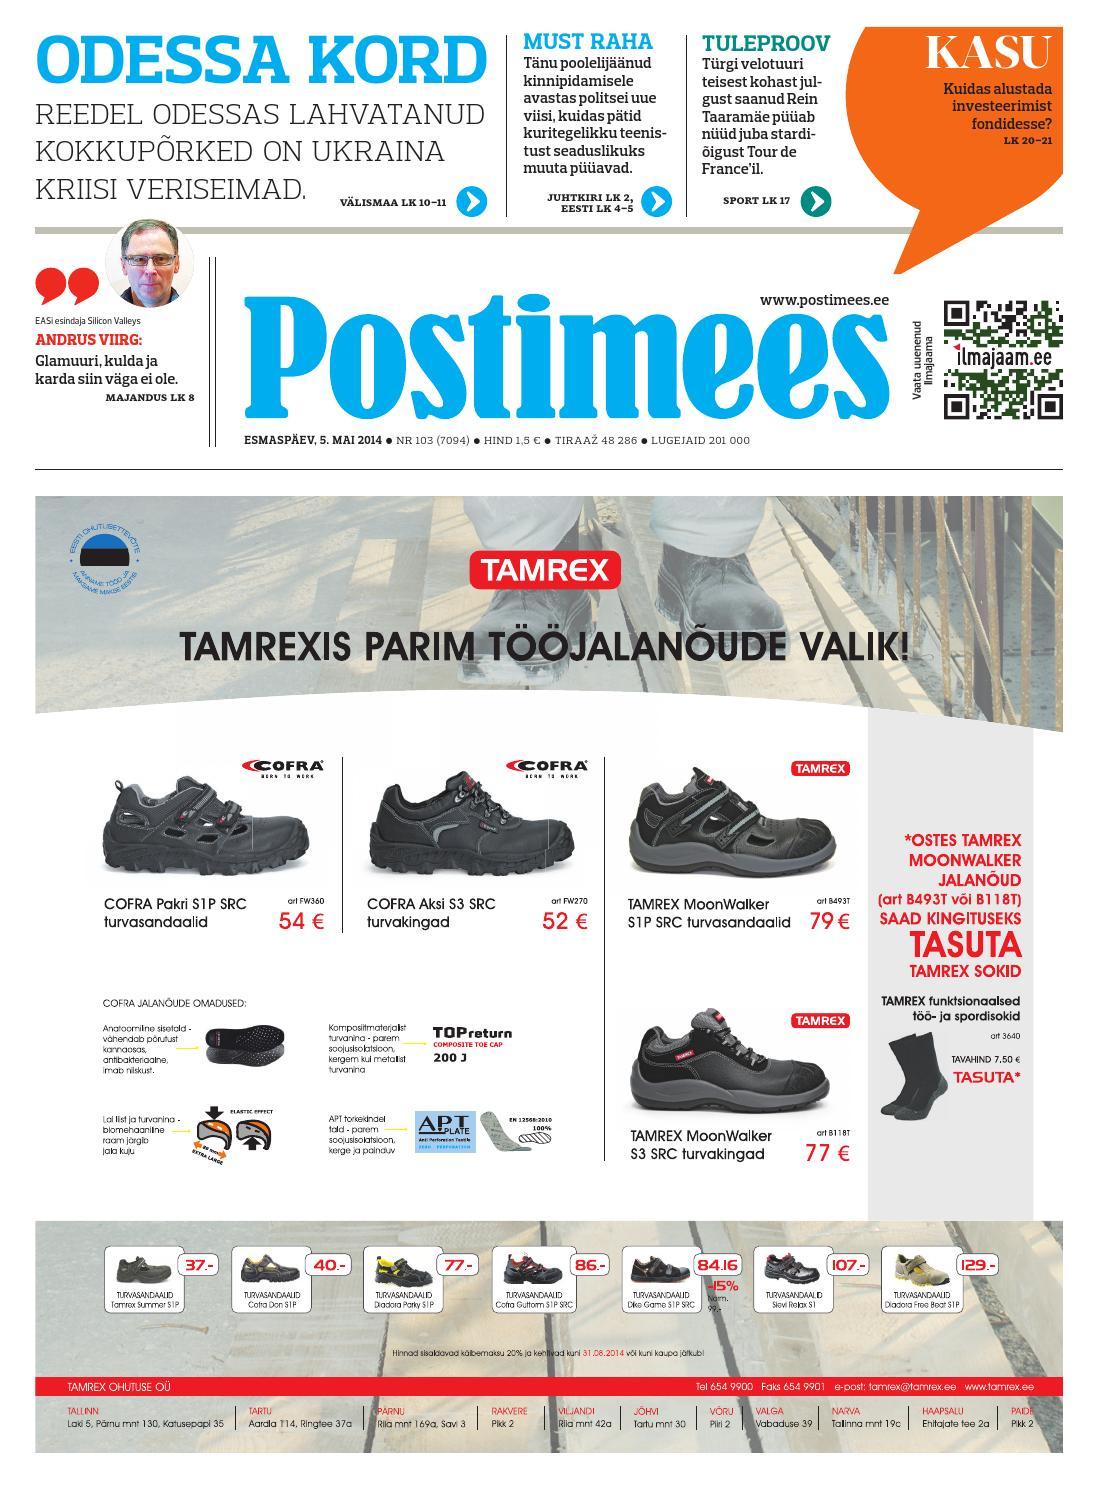 f4ba32aa419 Postimees 05 05 2014 by Postimees - issuu